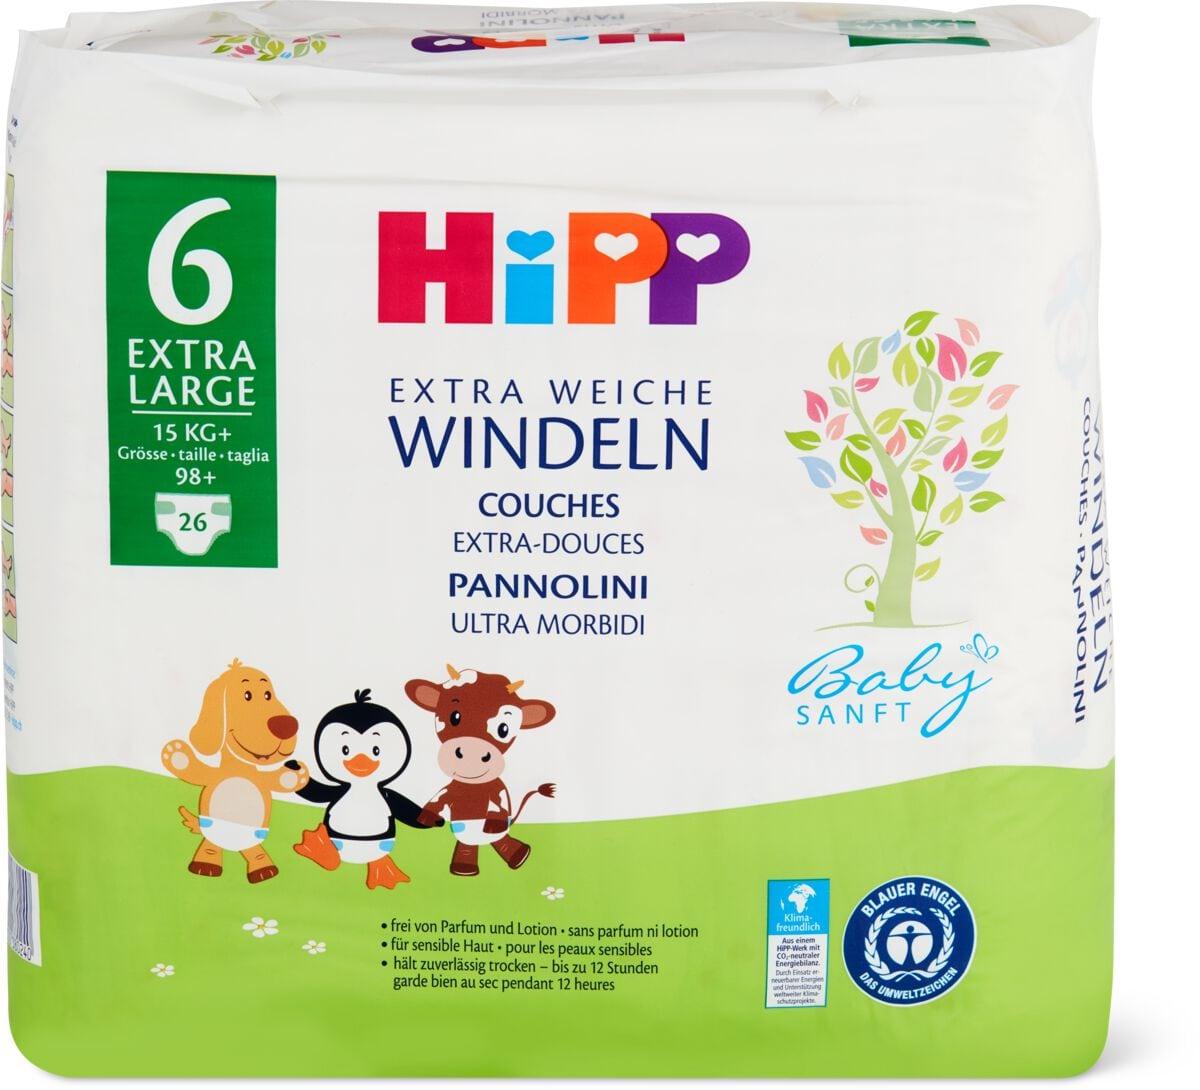 Hipp Babysanft Windeln XL 6